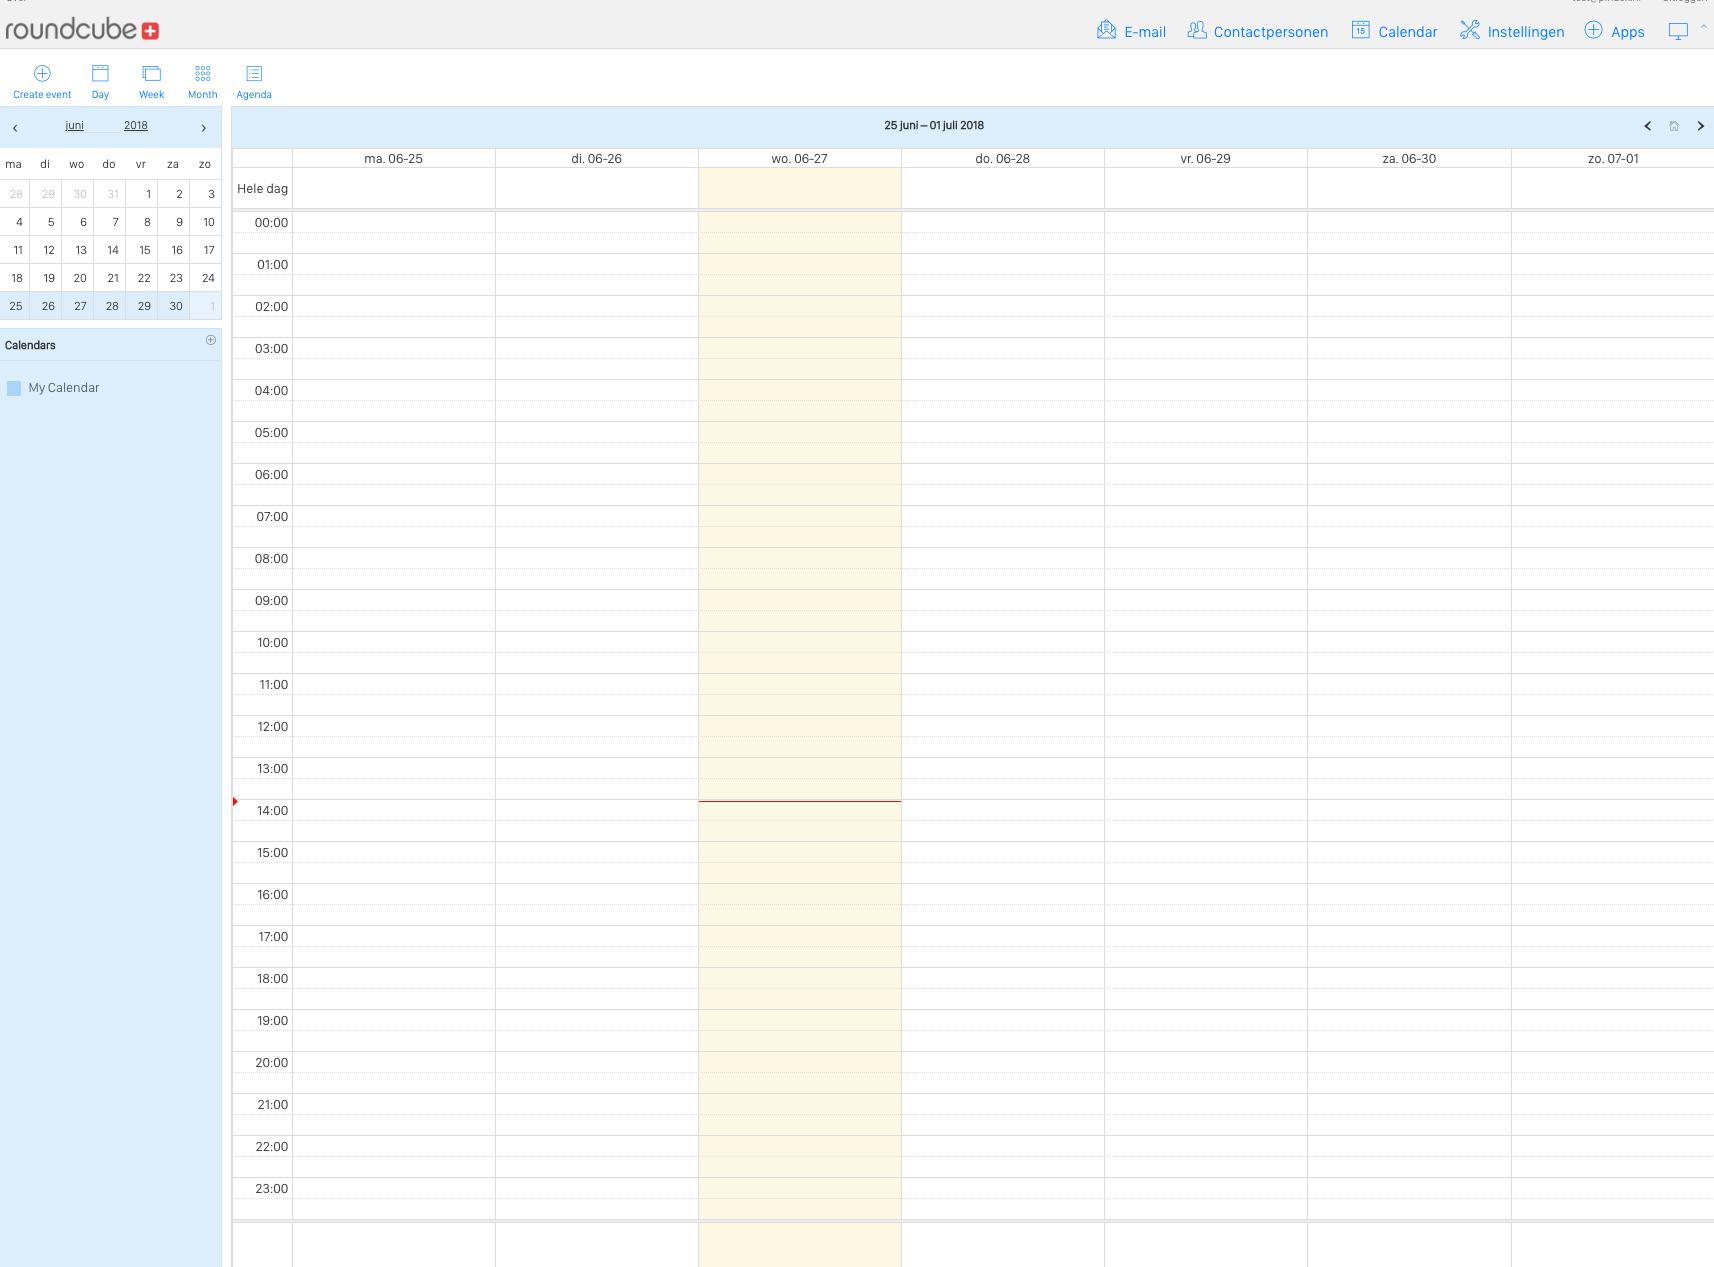 Vimexx agenda